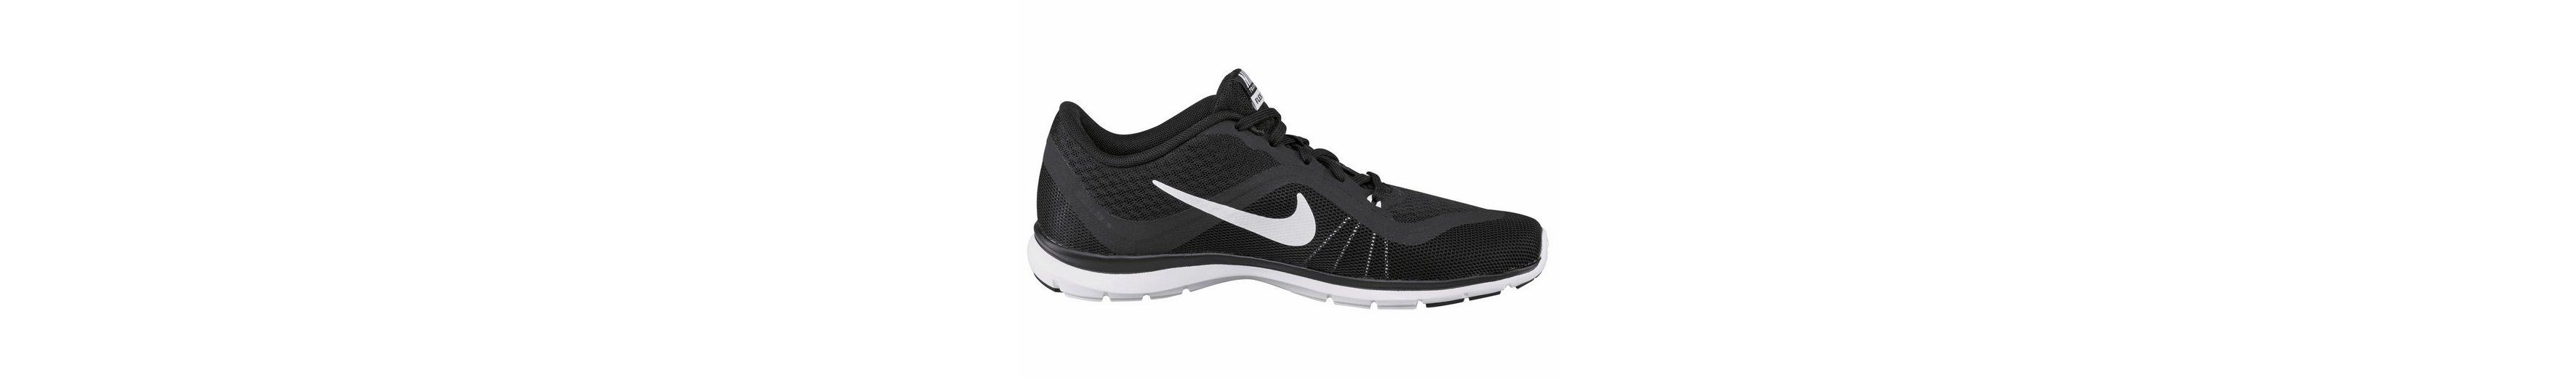 Günstig Kaufen Professionelle Nike Flex Trainer 6 Wmns Fitnessschuh Auslass Echt CVGOReY